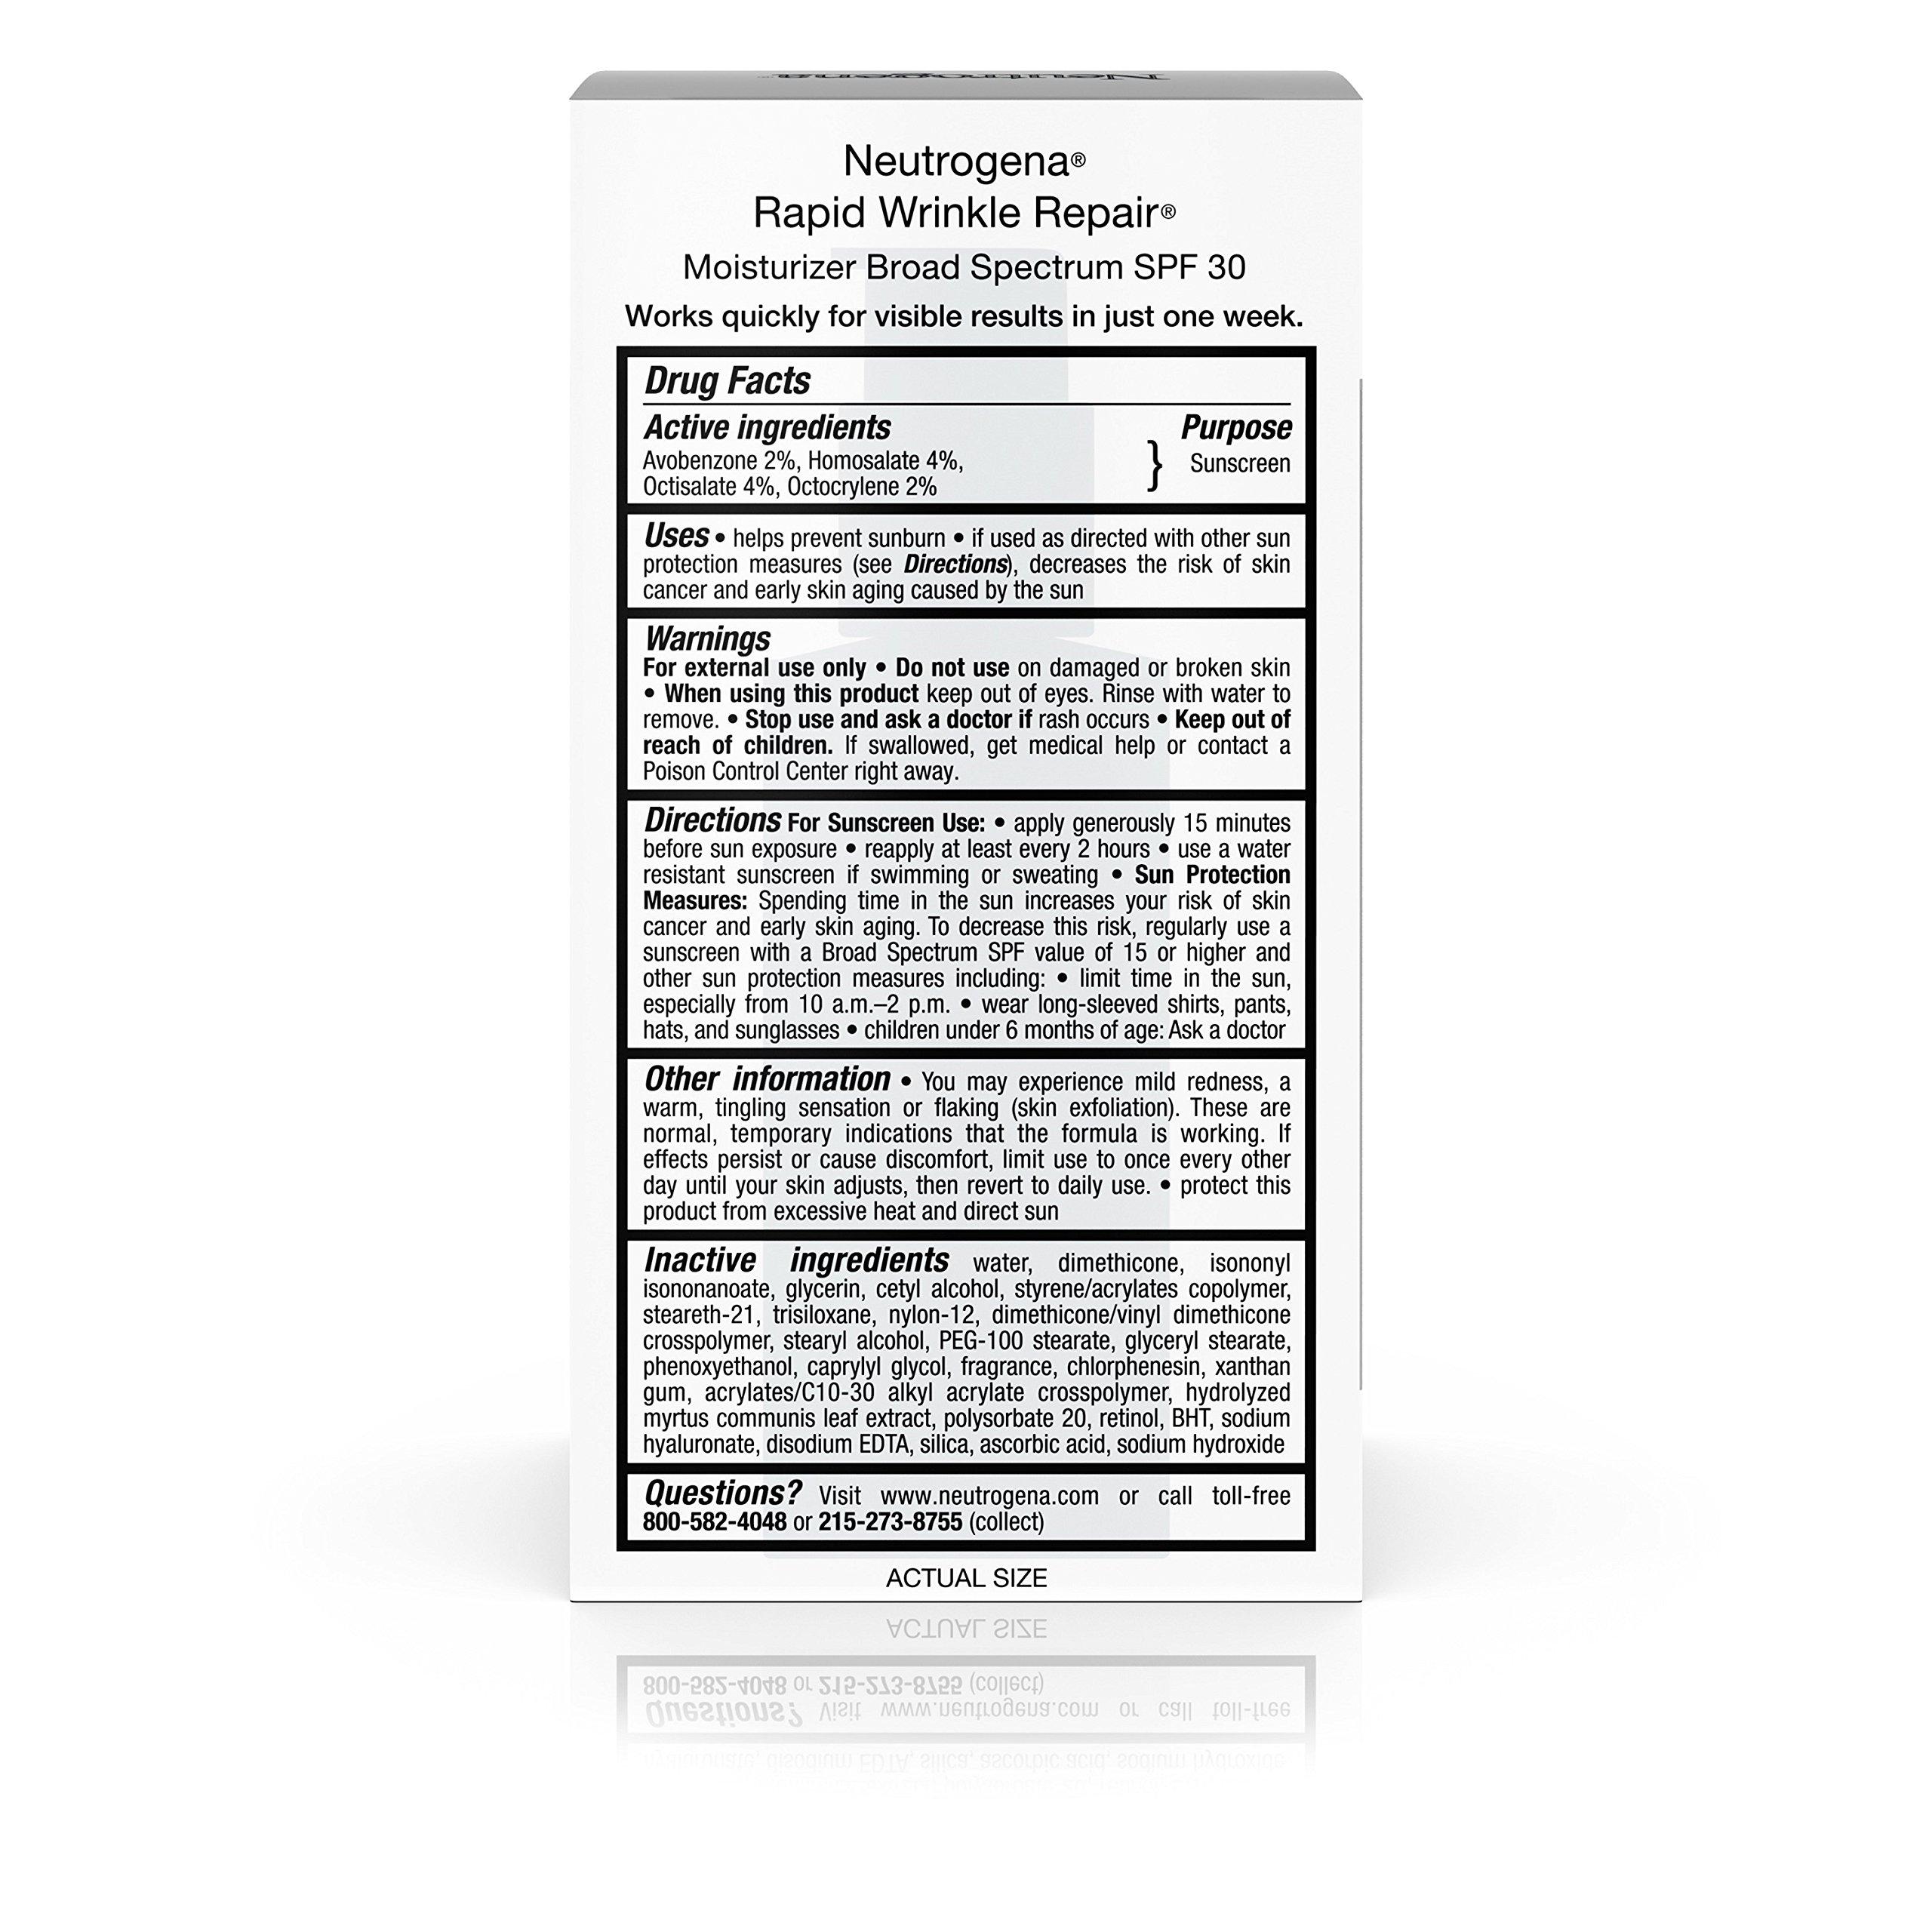 Neutrogena Rapid Wrinkle Repair Anti-Wrinkle Retinol Daily Face Moisturizer, with SPF 30 Sunscreen, 1 fl. Oz by Neutrogena (Image #6)